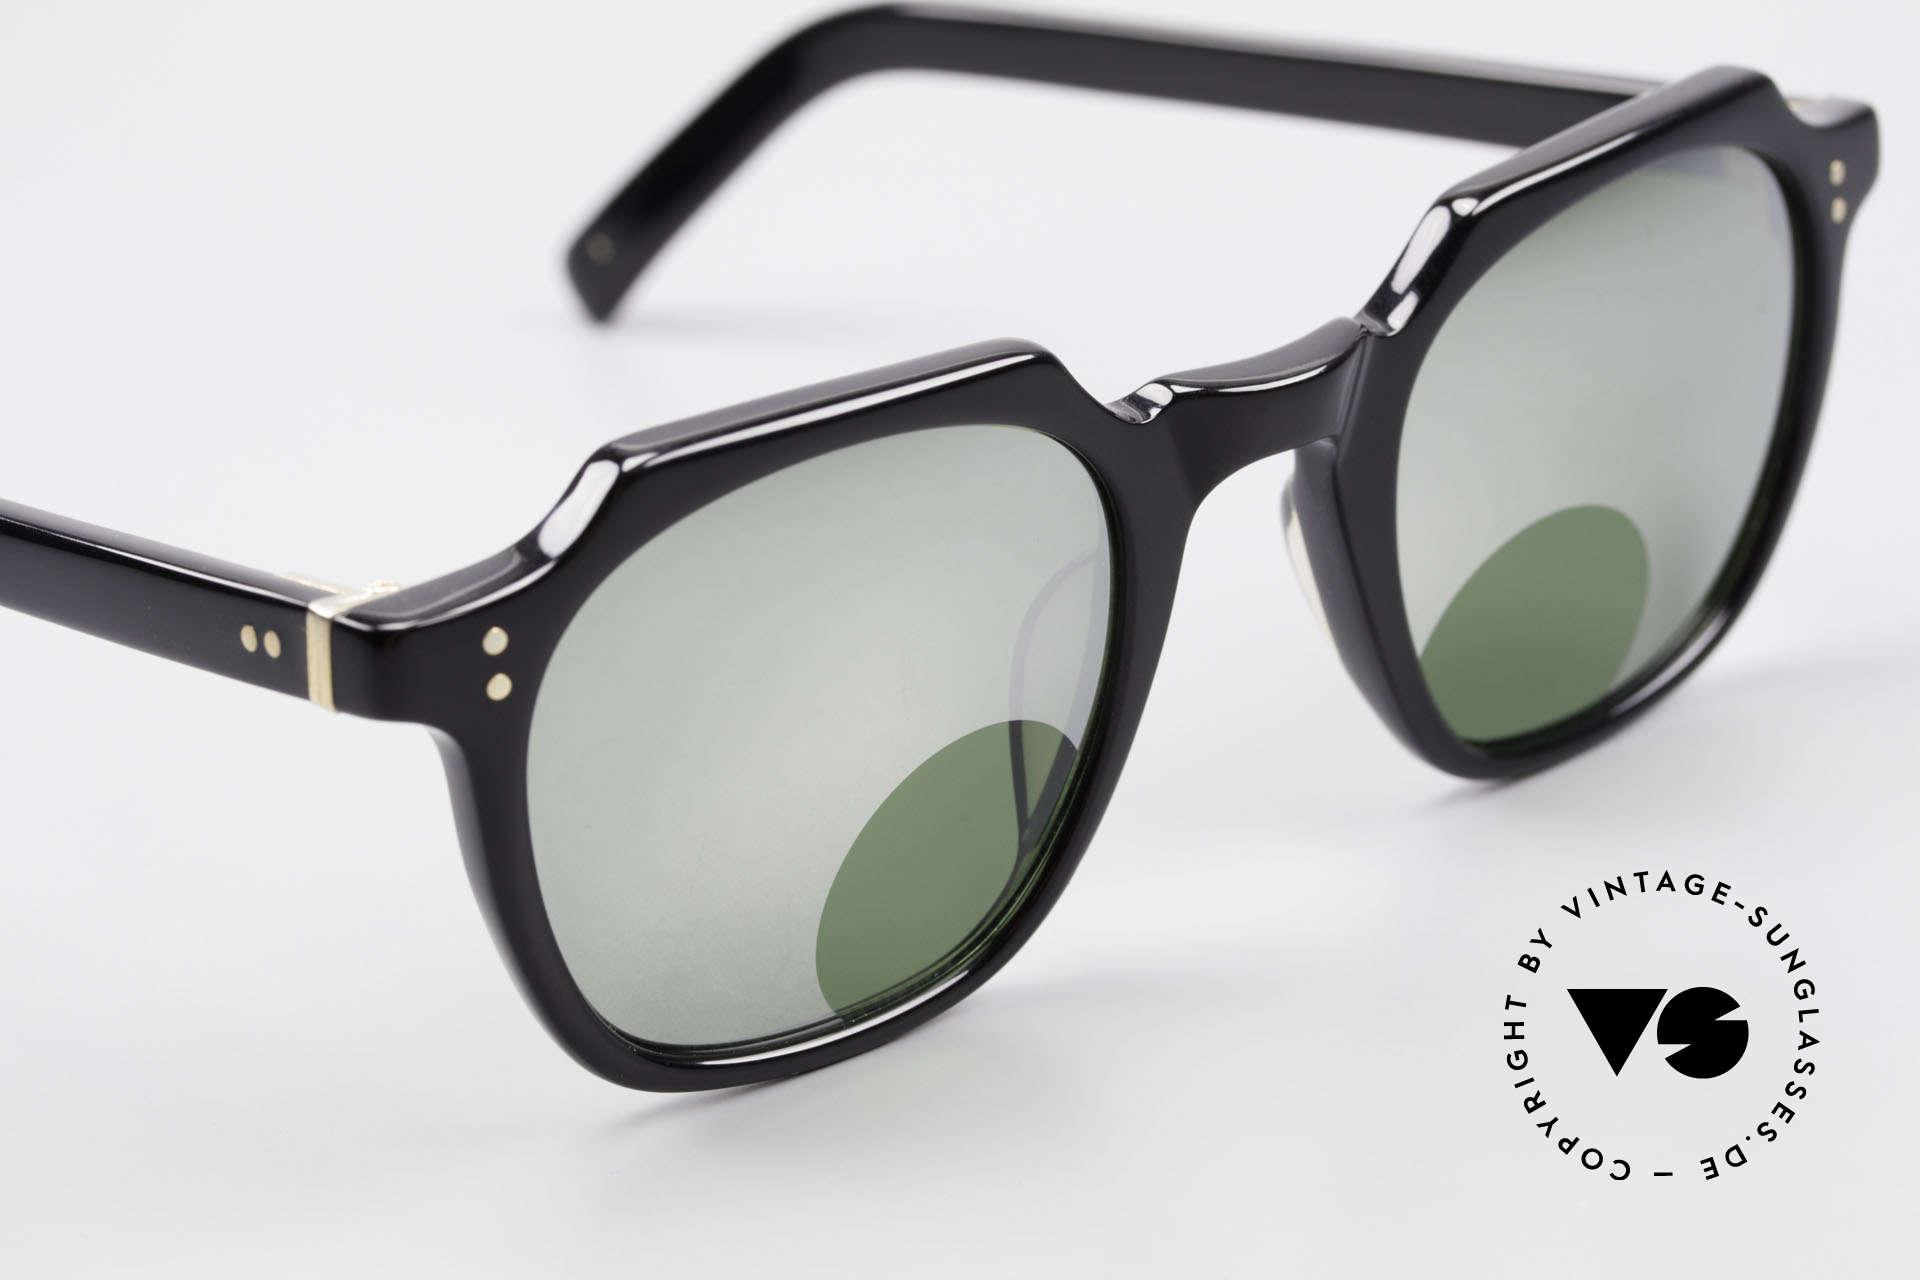 Jean Paul Gaultier 58-0071 Verspiegelt Mit Lesefenstern, unbenutzt (wie alle unsere alten JPG vintage Brillen), Passend für Herren und Damen